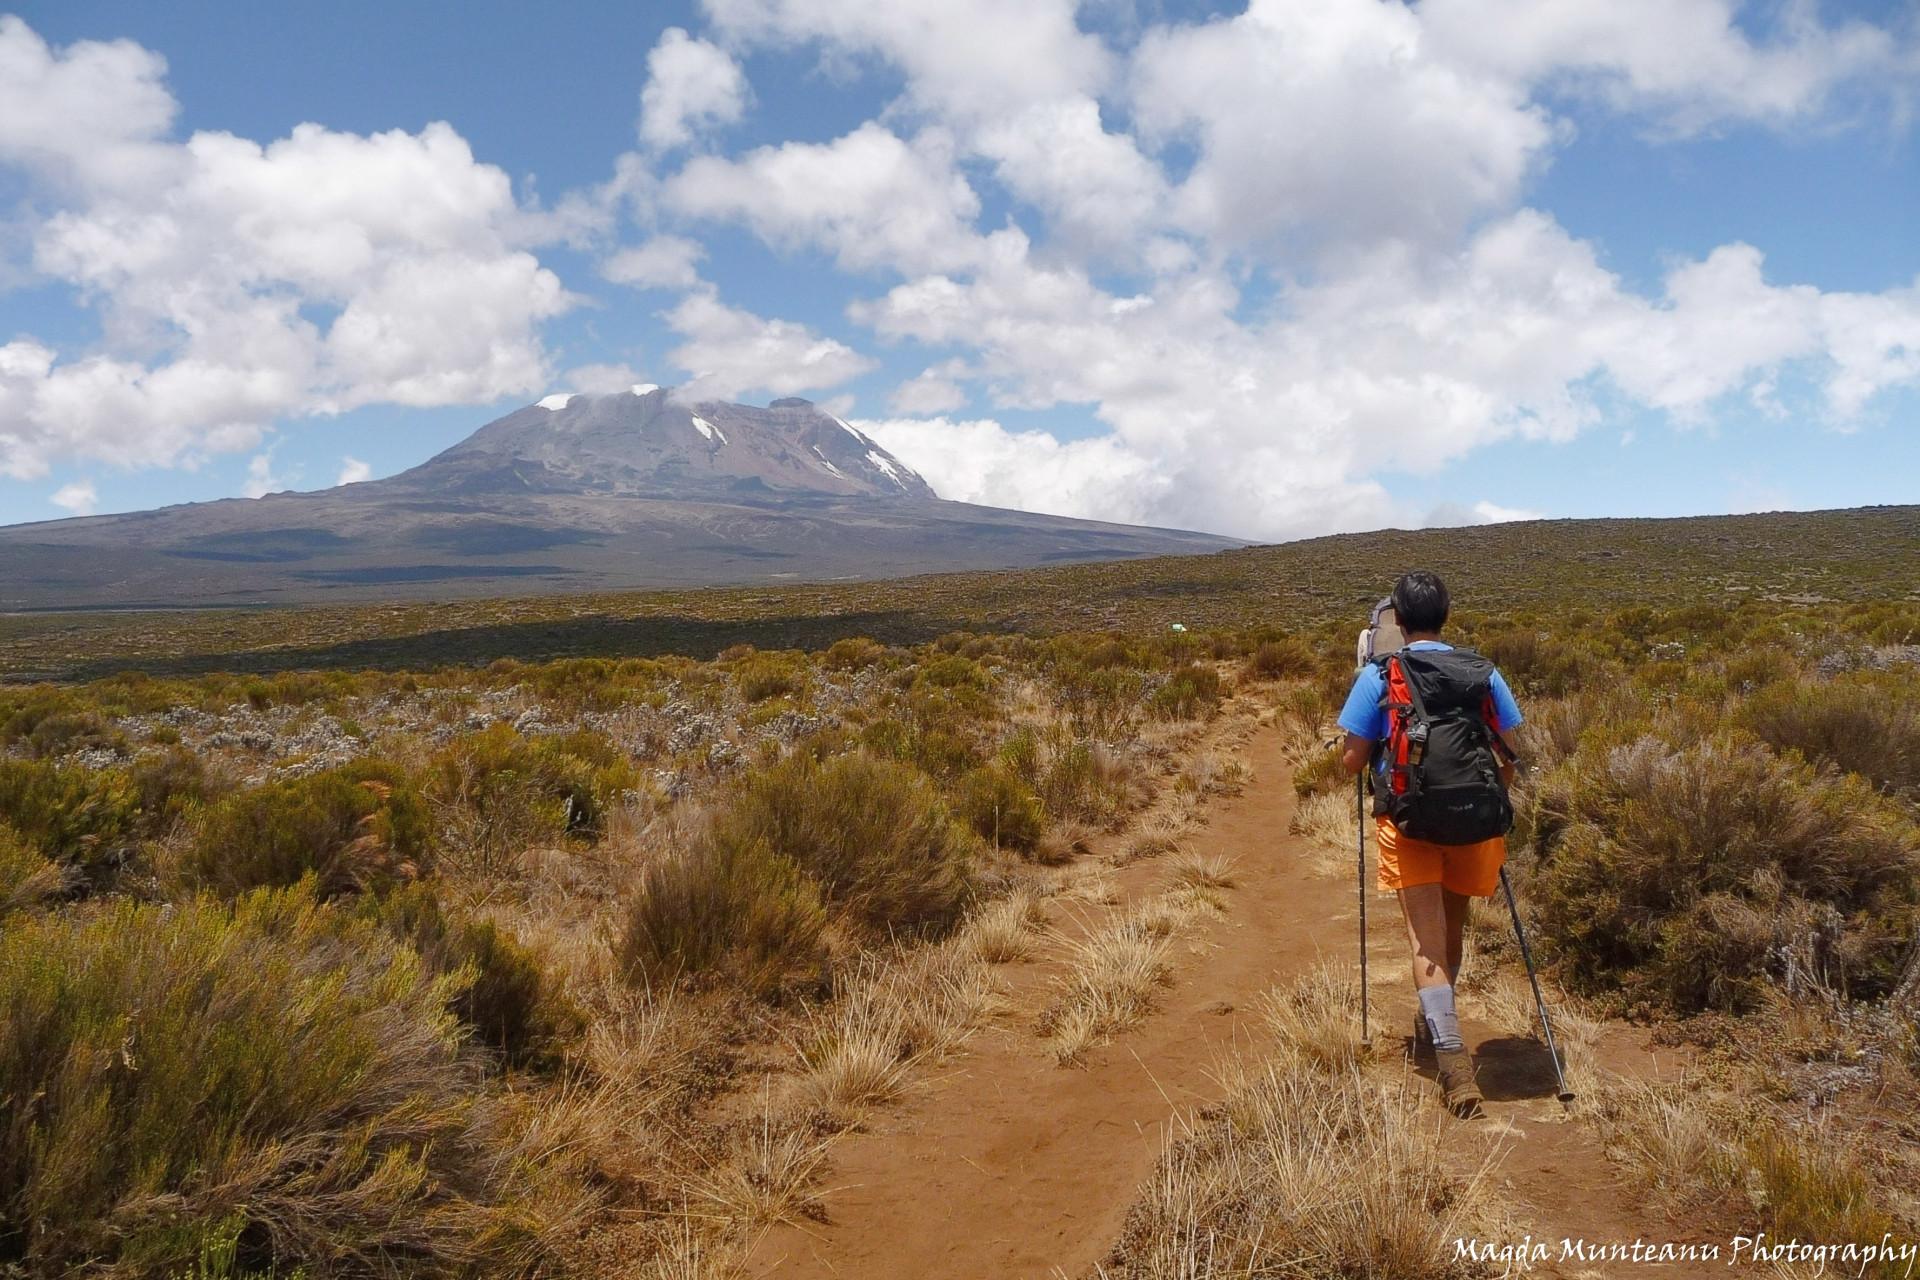 Kilimanjaro (5,895m), Tanzania